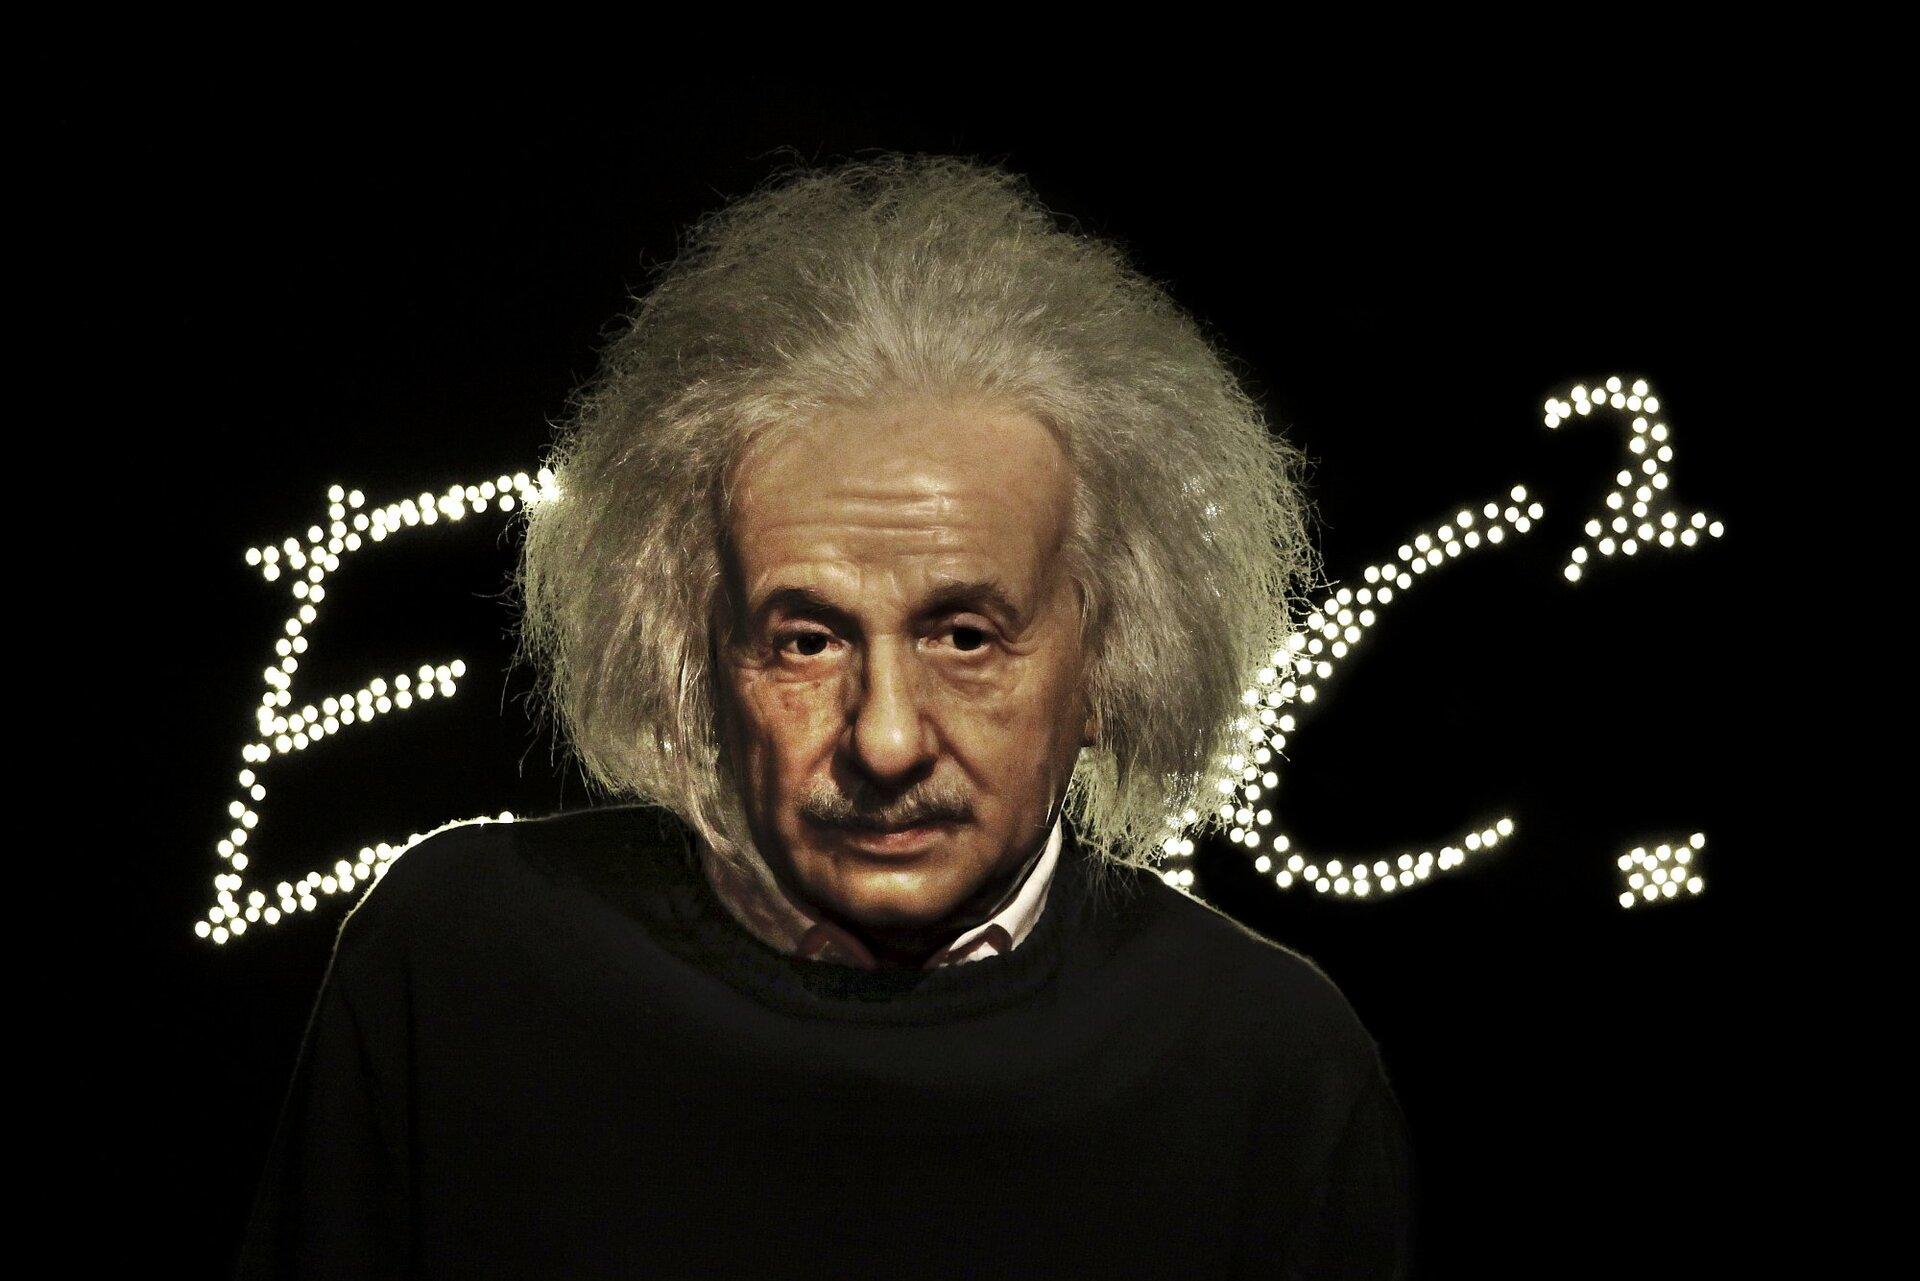 Zdjęcie przedstawia podobiznę Alberta Einsteina, adokładniej mówiąc przedstawiającą go figurę wgabinecie figur naturalnych Madame Tussaud na tle ułożonego zlicznych punktowych świateł wzoru Erówna się mckwadrat. Uczony przedstawiony wwieku średnim ukazany jest od ramion wgórę, spogląda nieco wbok zzamyślonym wyrazem twarzy.